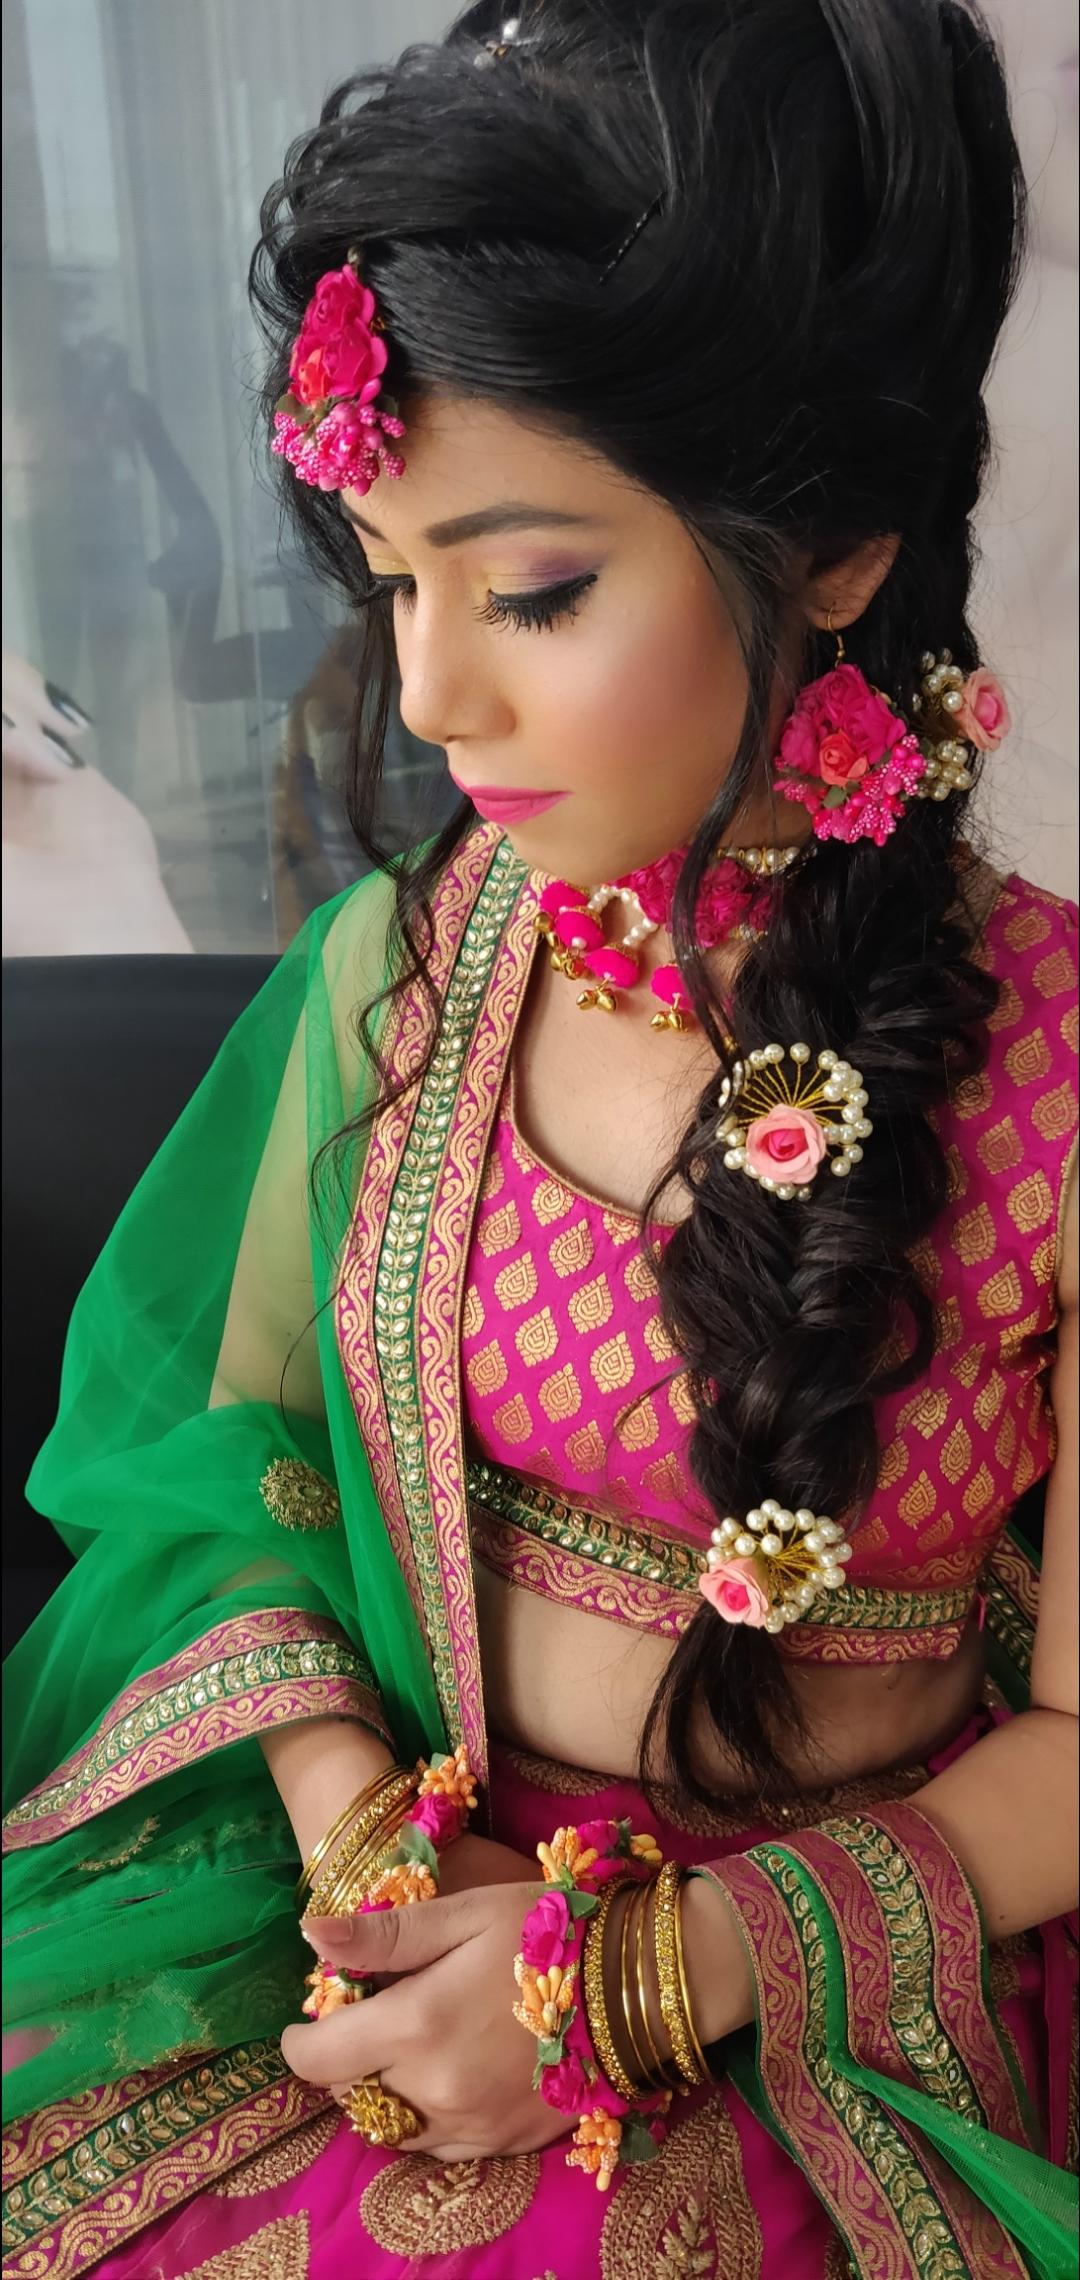 sanya-arora-makeup-artist-delhi-ncr